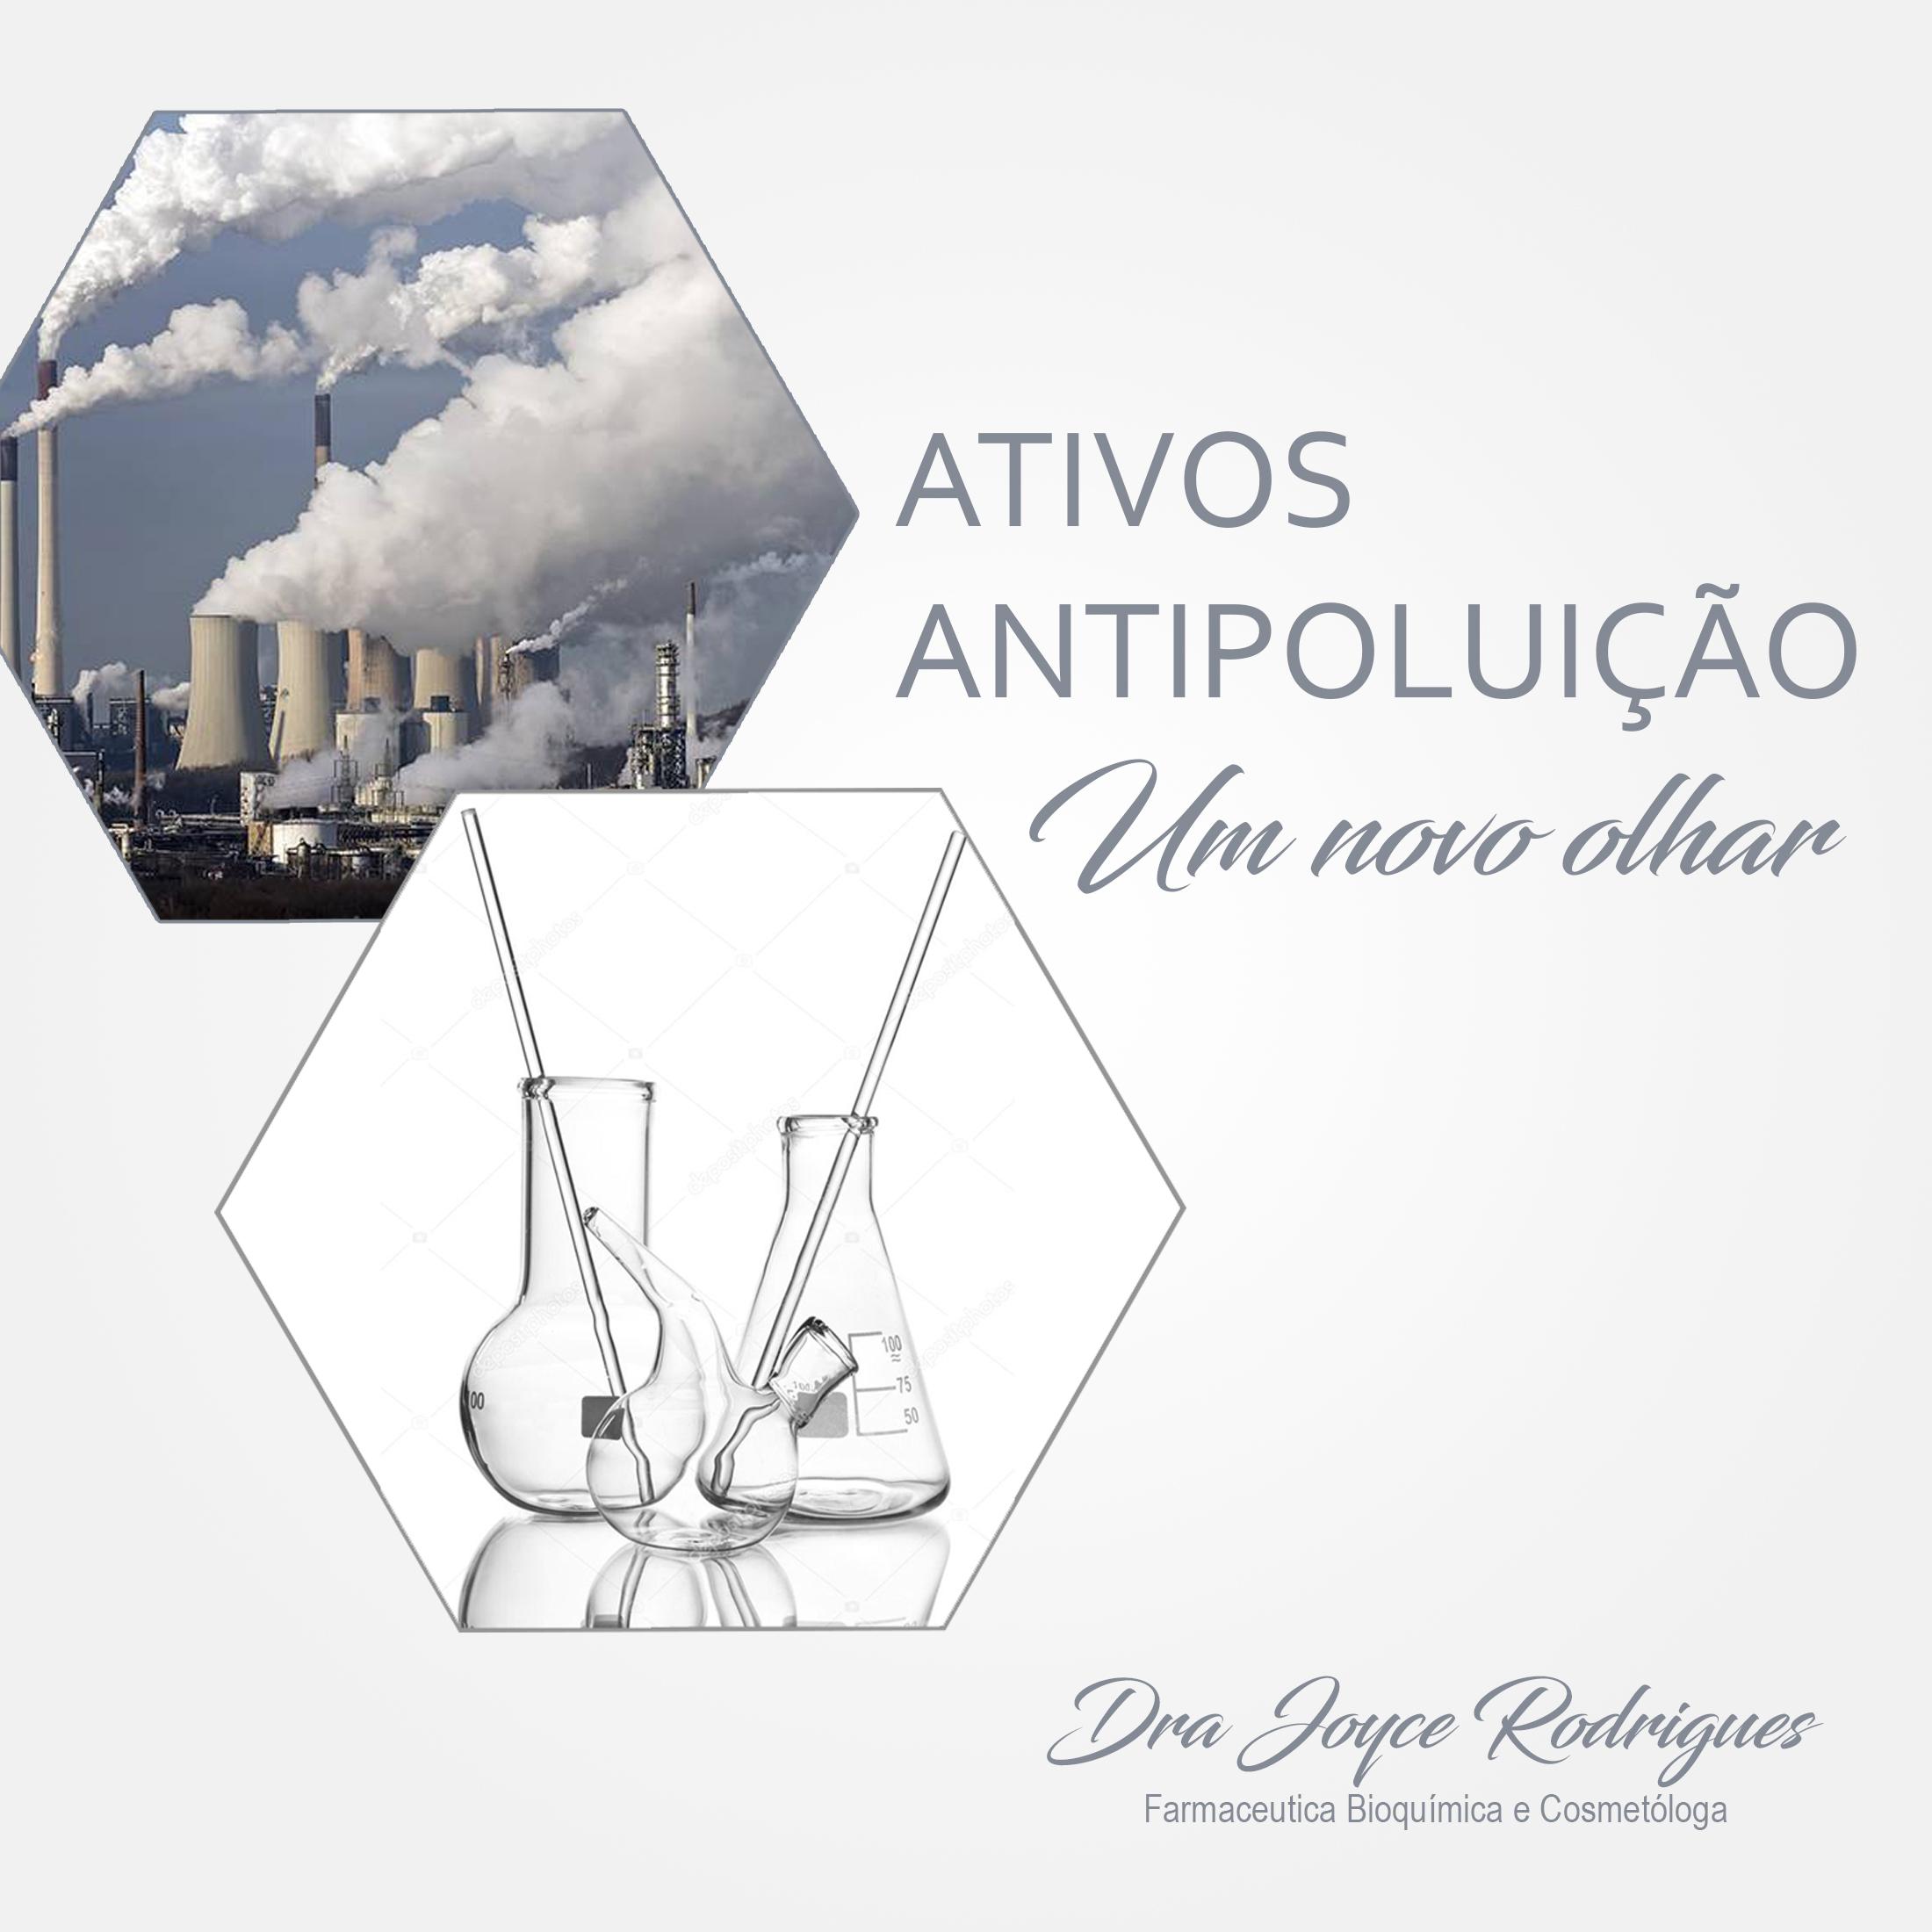 ATIVOS ANTI POLUIÇÃO